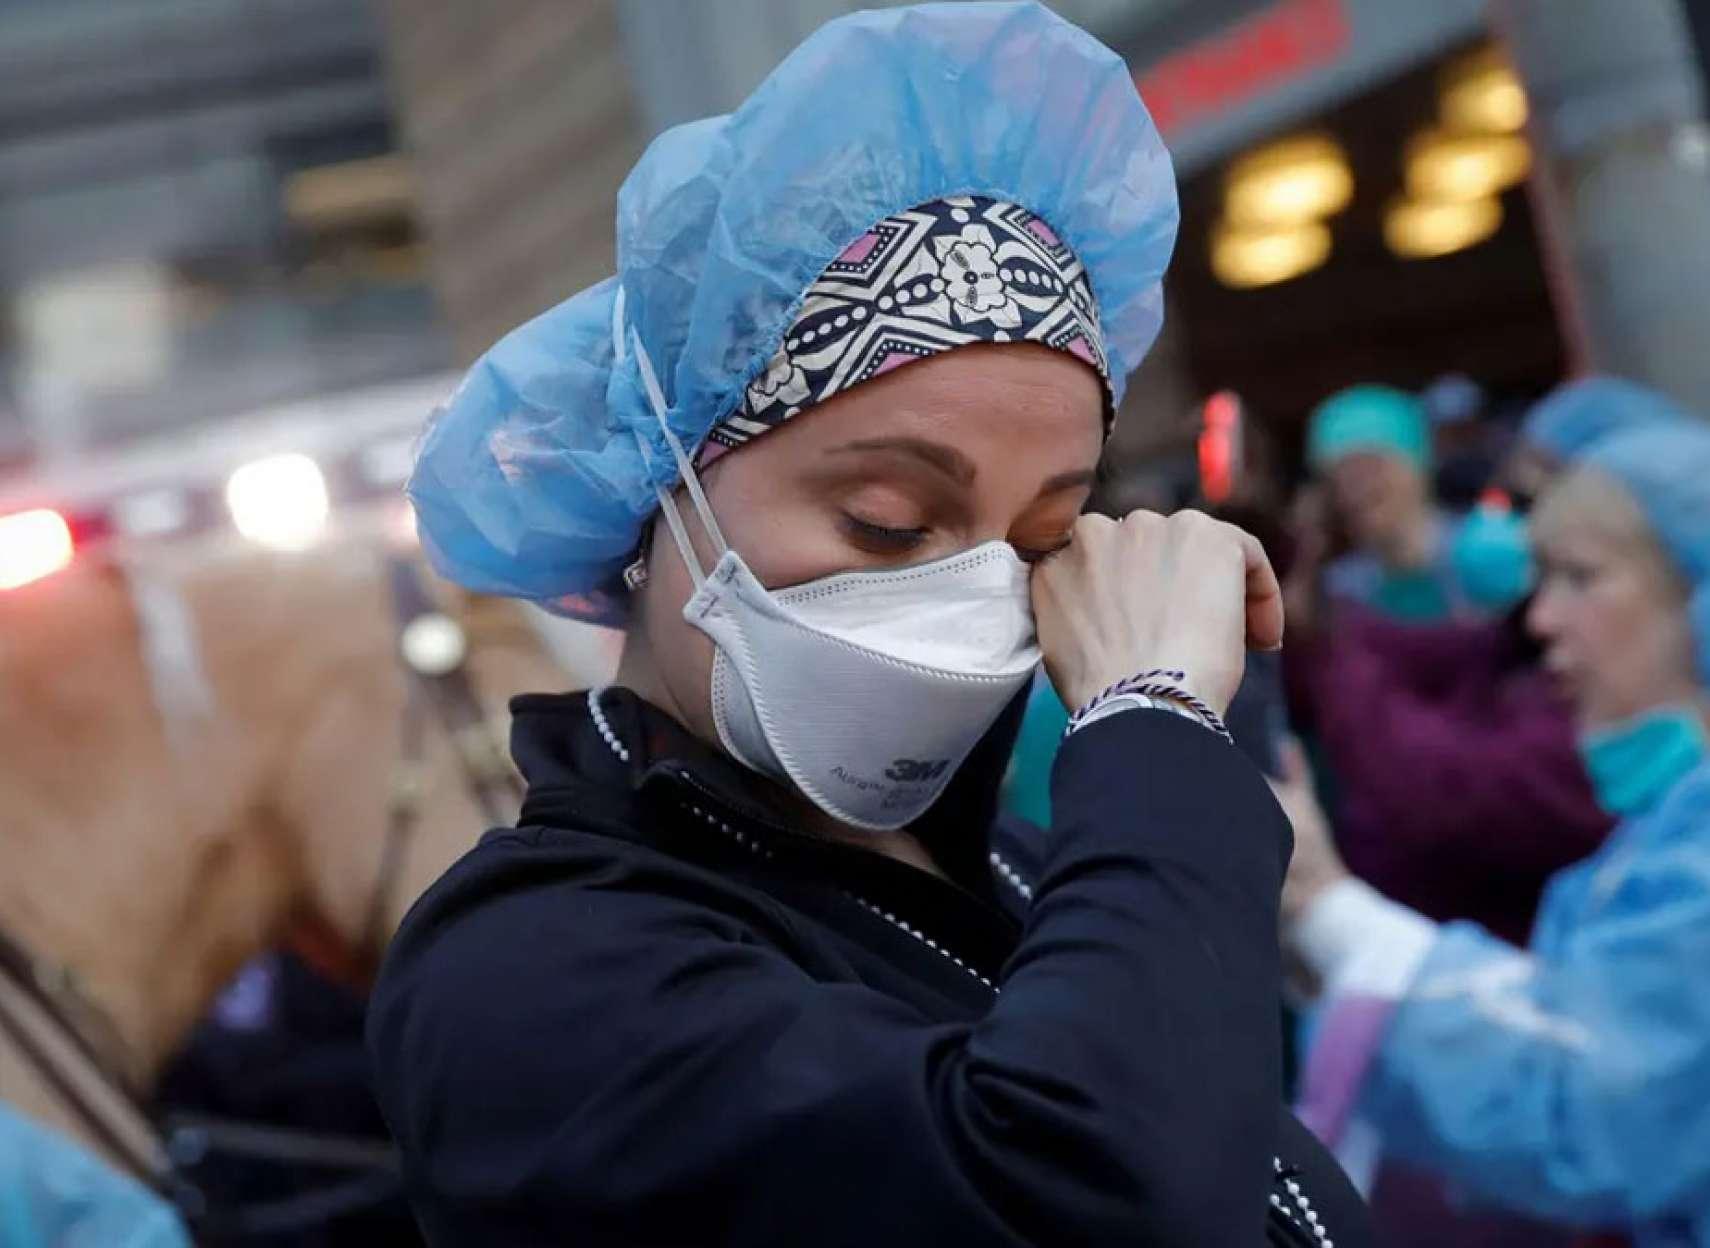 فاجعه کرونا در ایران؛ کرونا طی یک ماه در انتاریو ۳ برابر و در آمریکا ۱۰ برابر شد